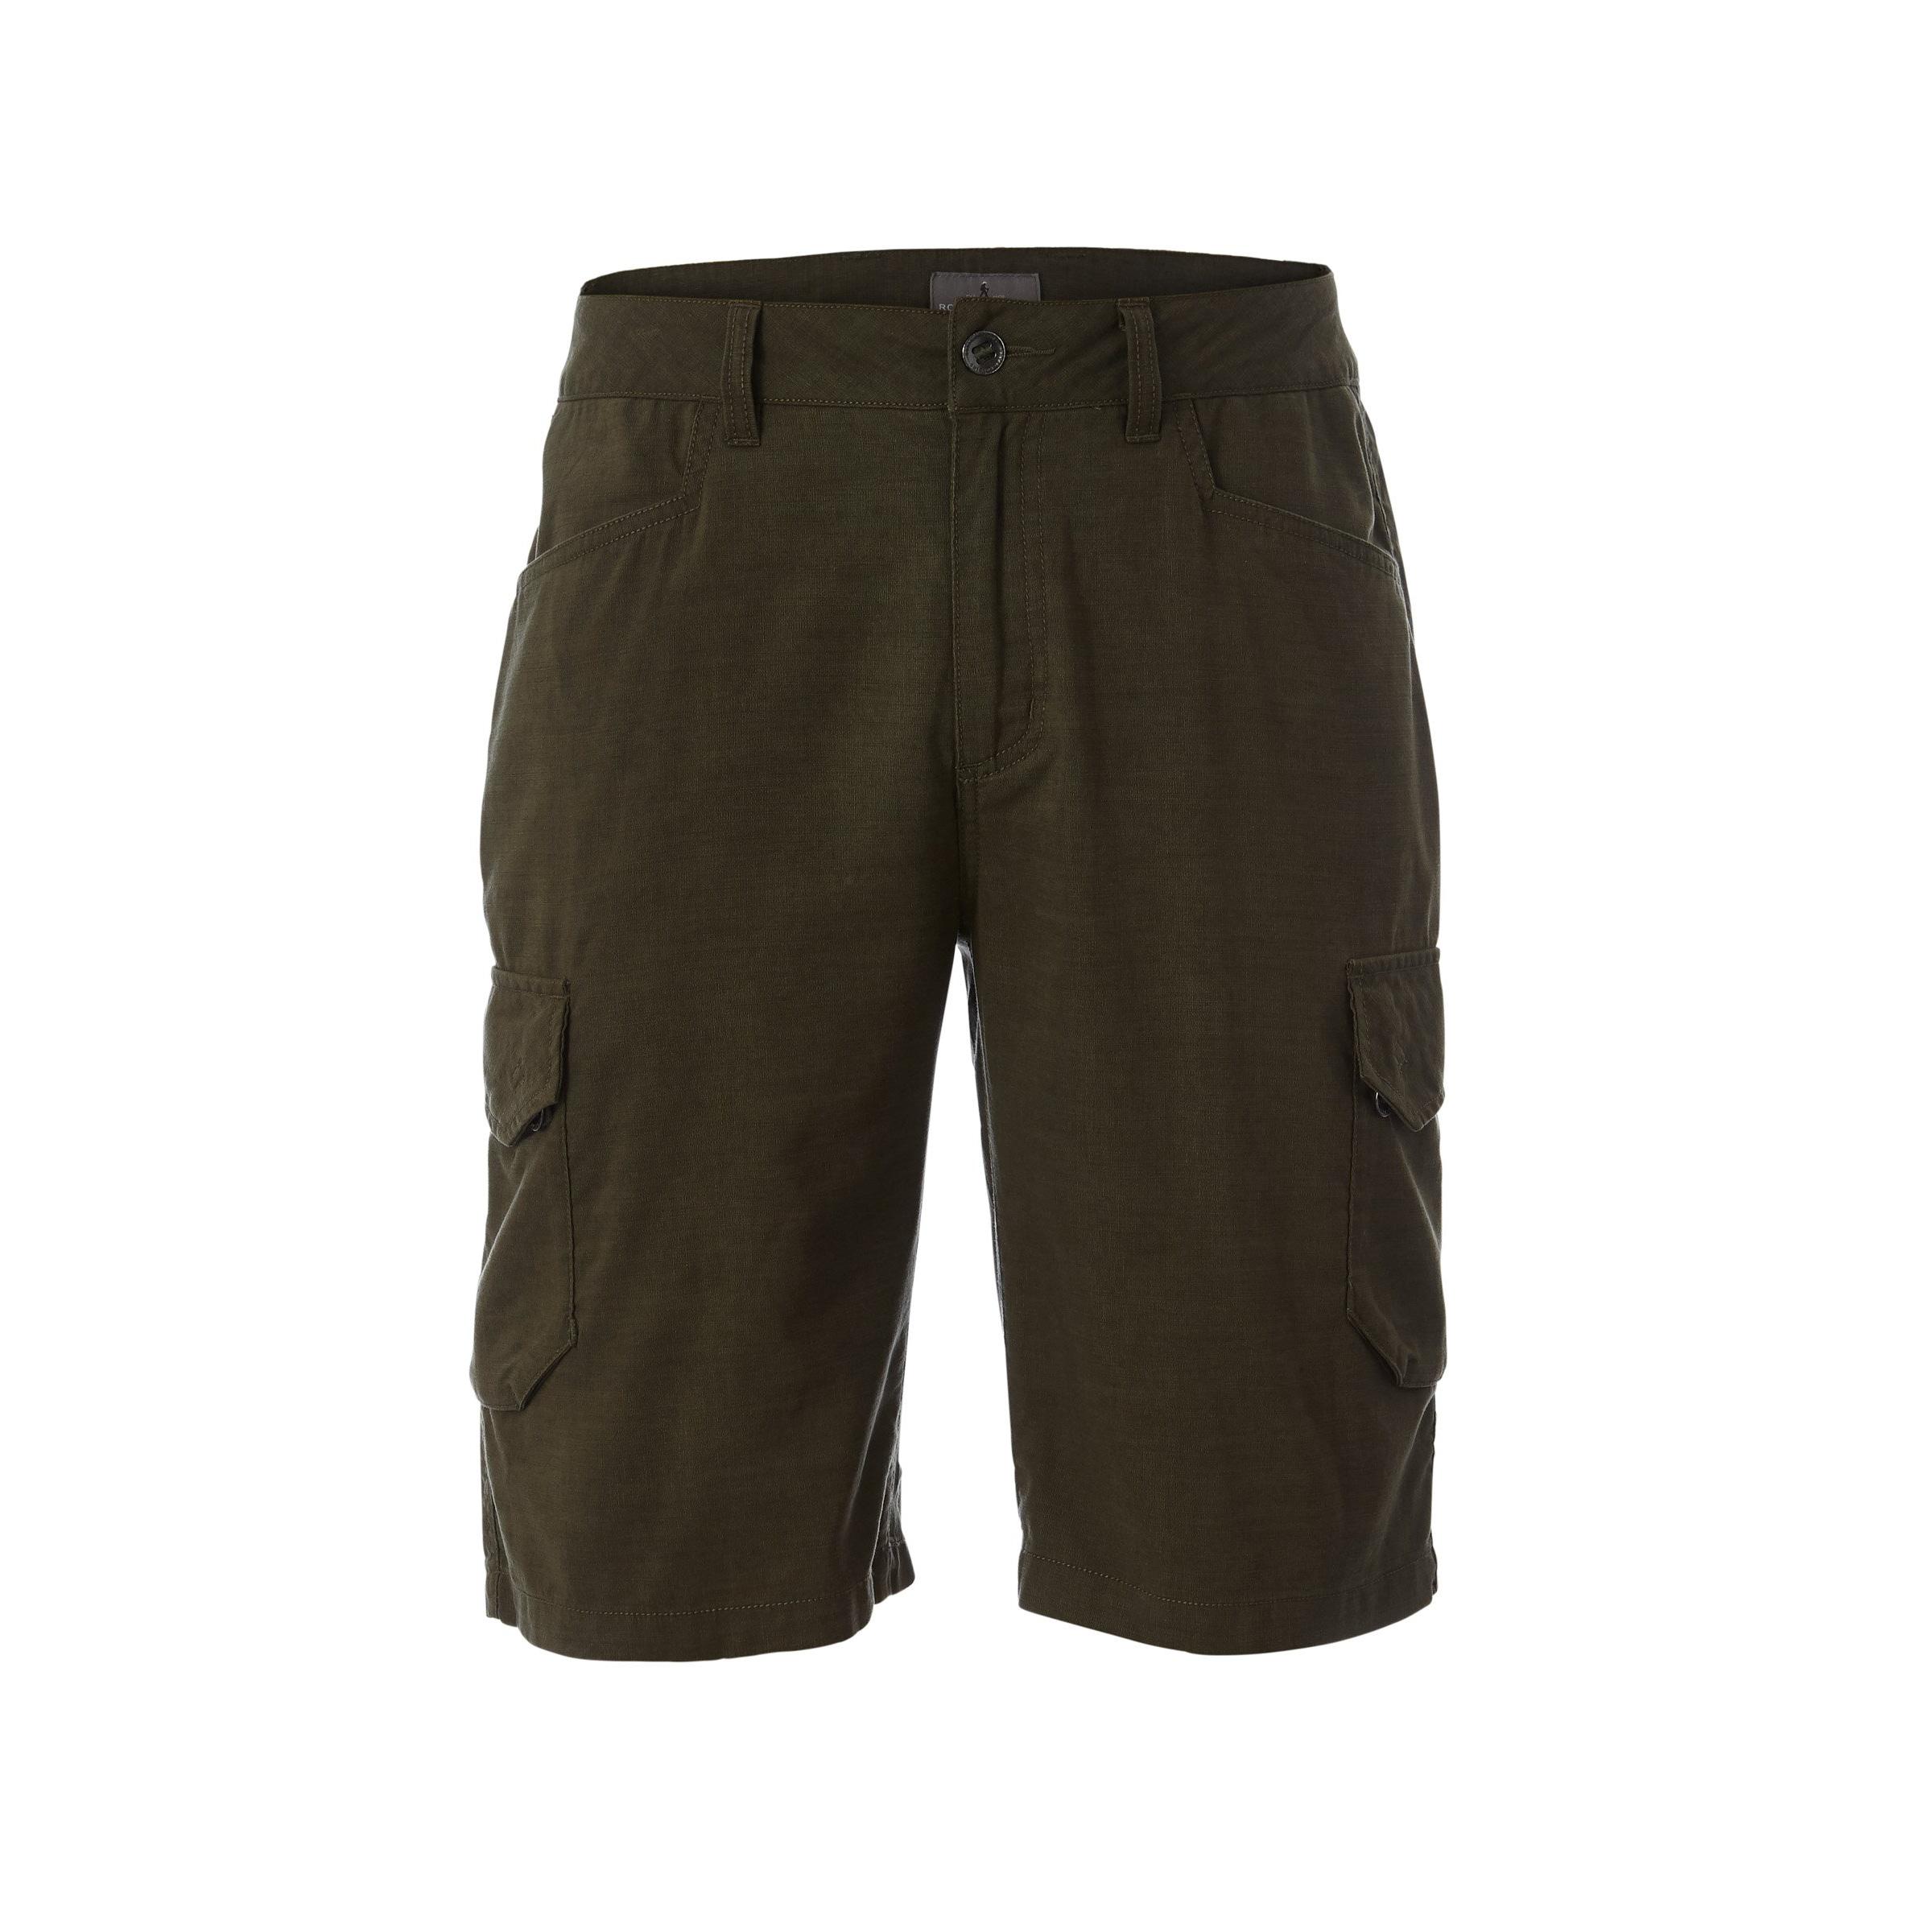 Springdale Short - Men's